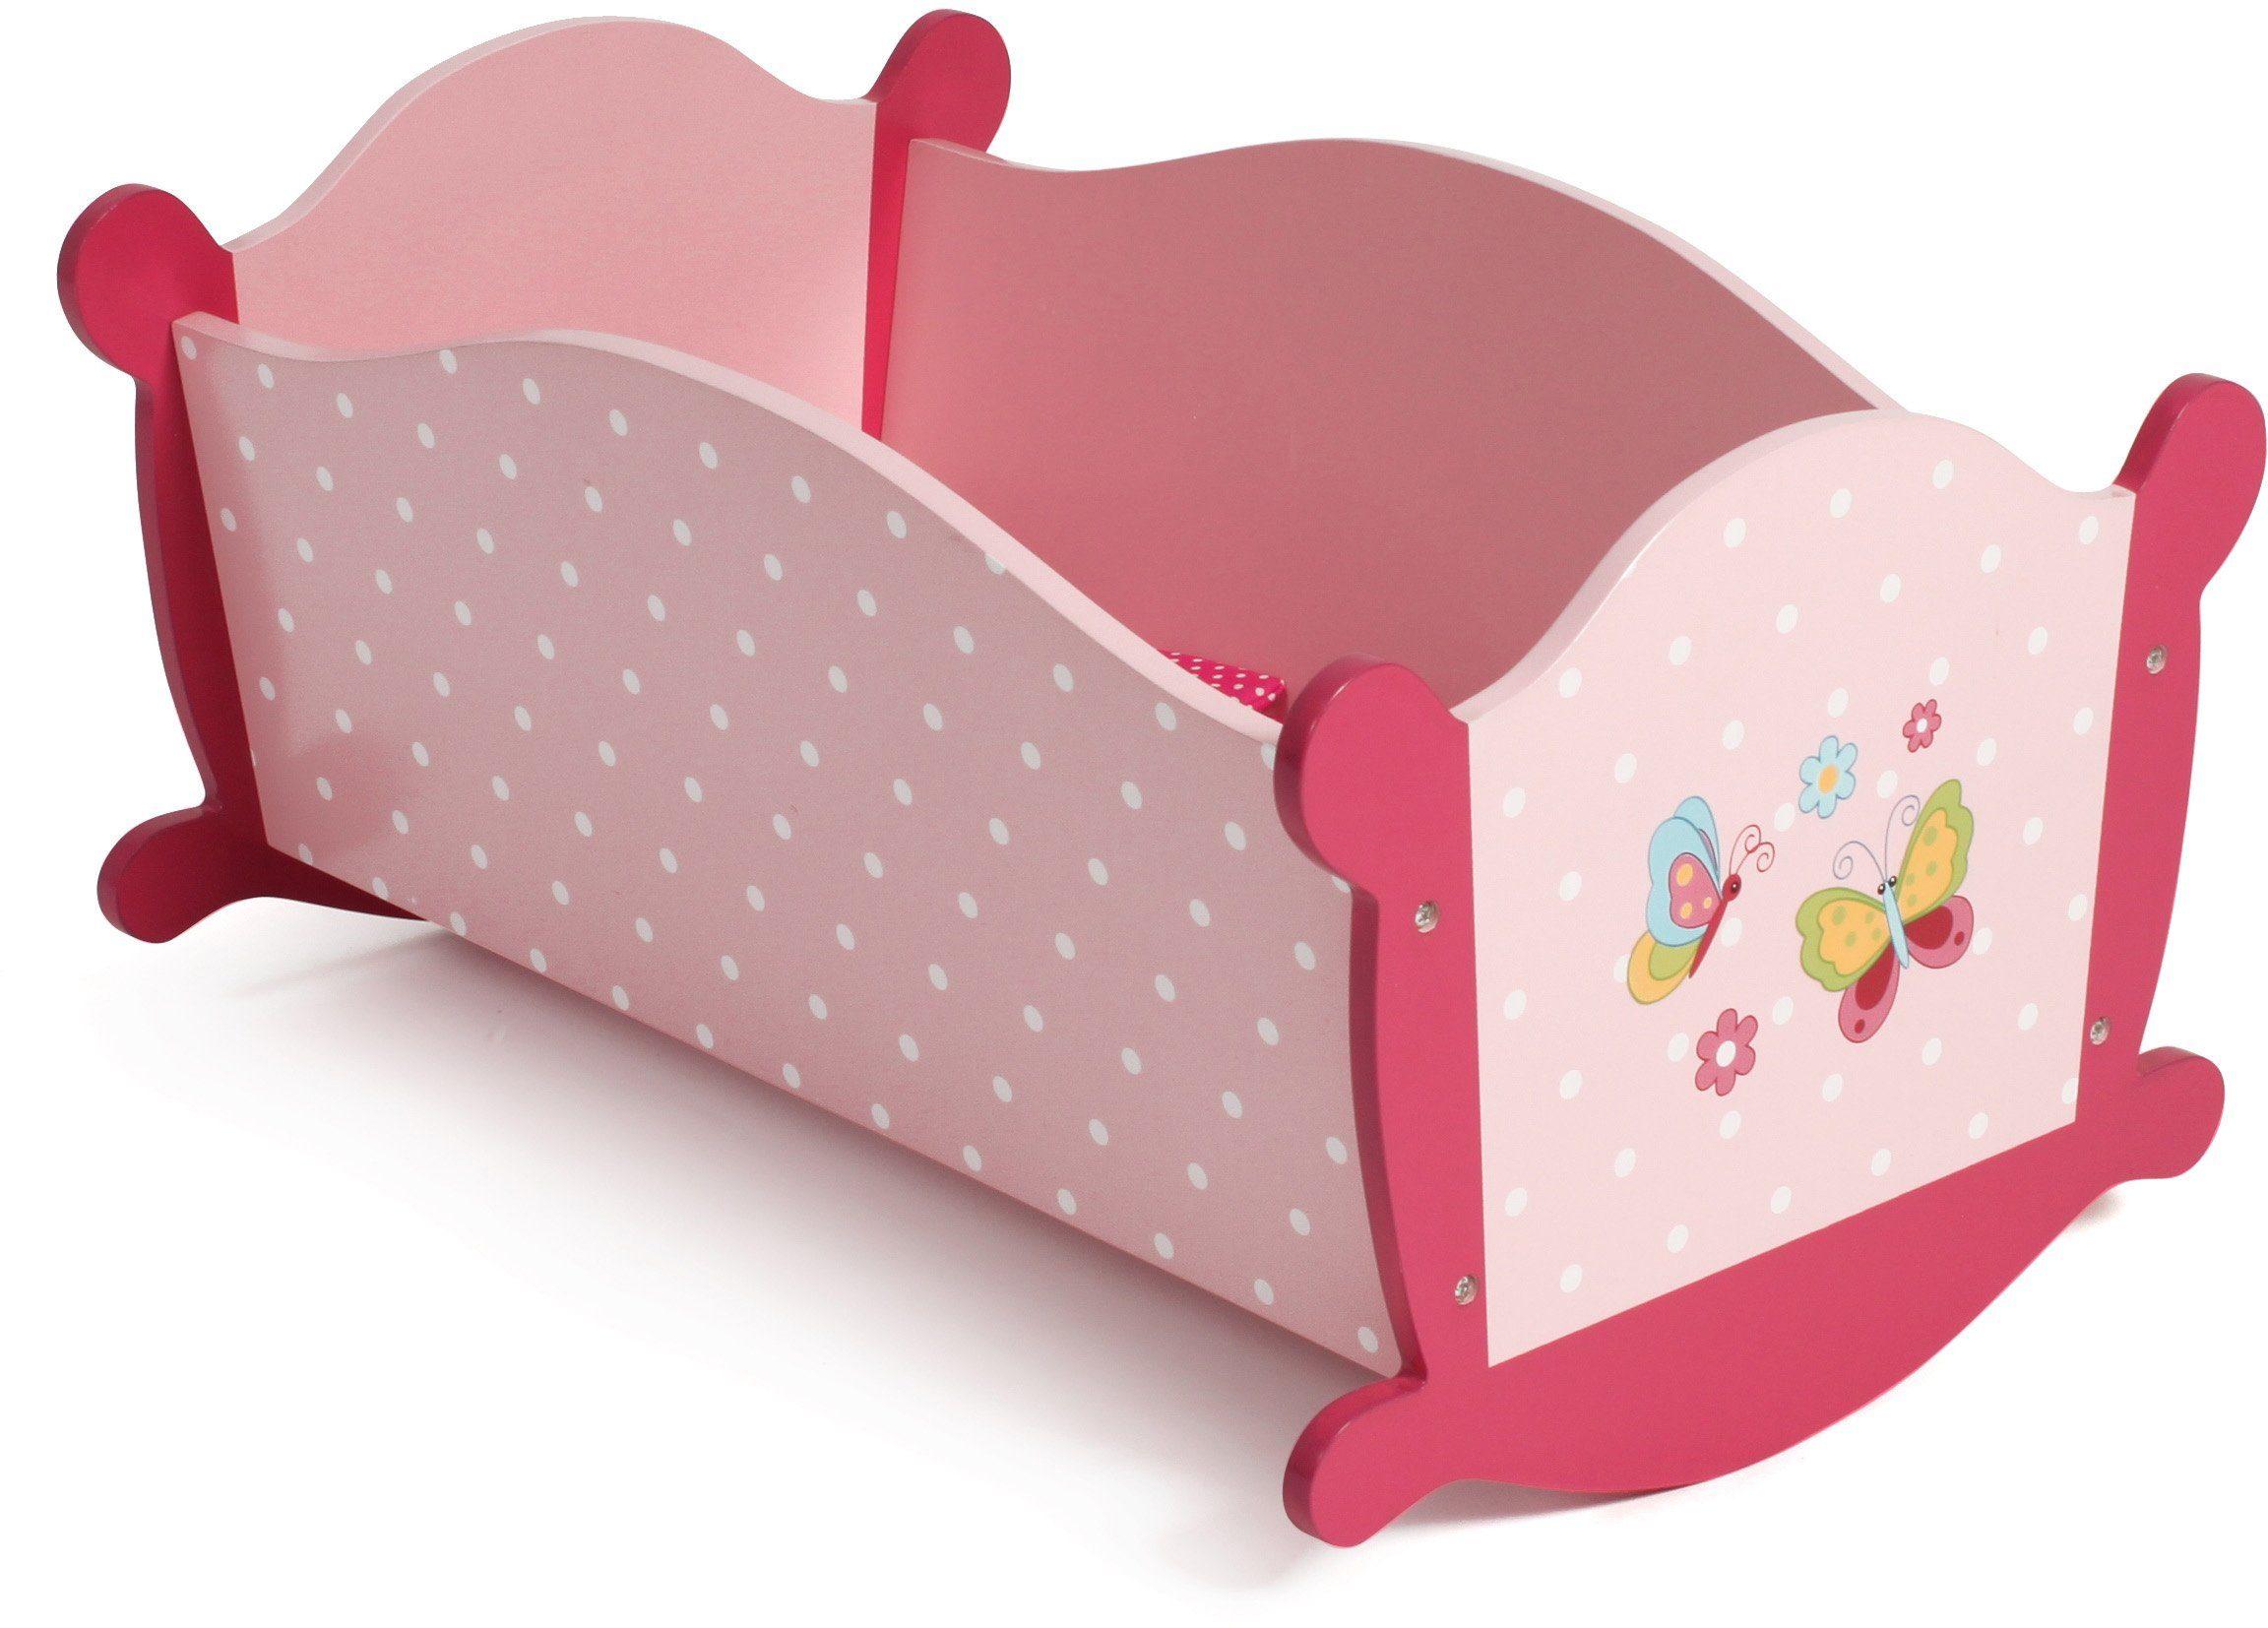 CHIC2000 Puppenwiege, »Papilio pink«